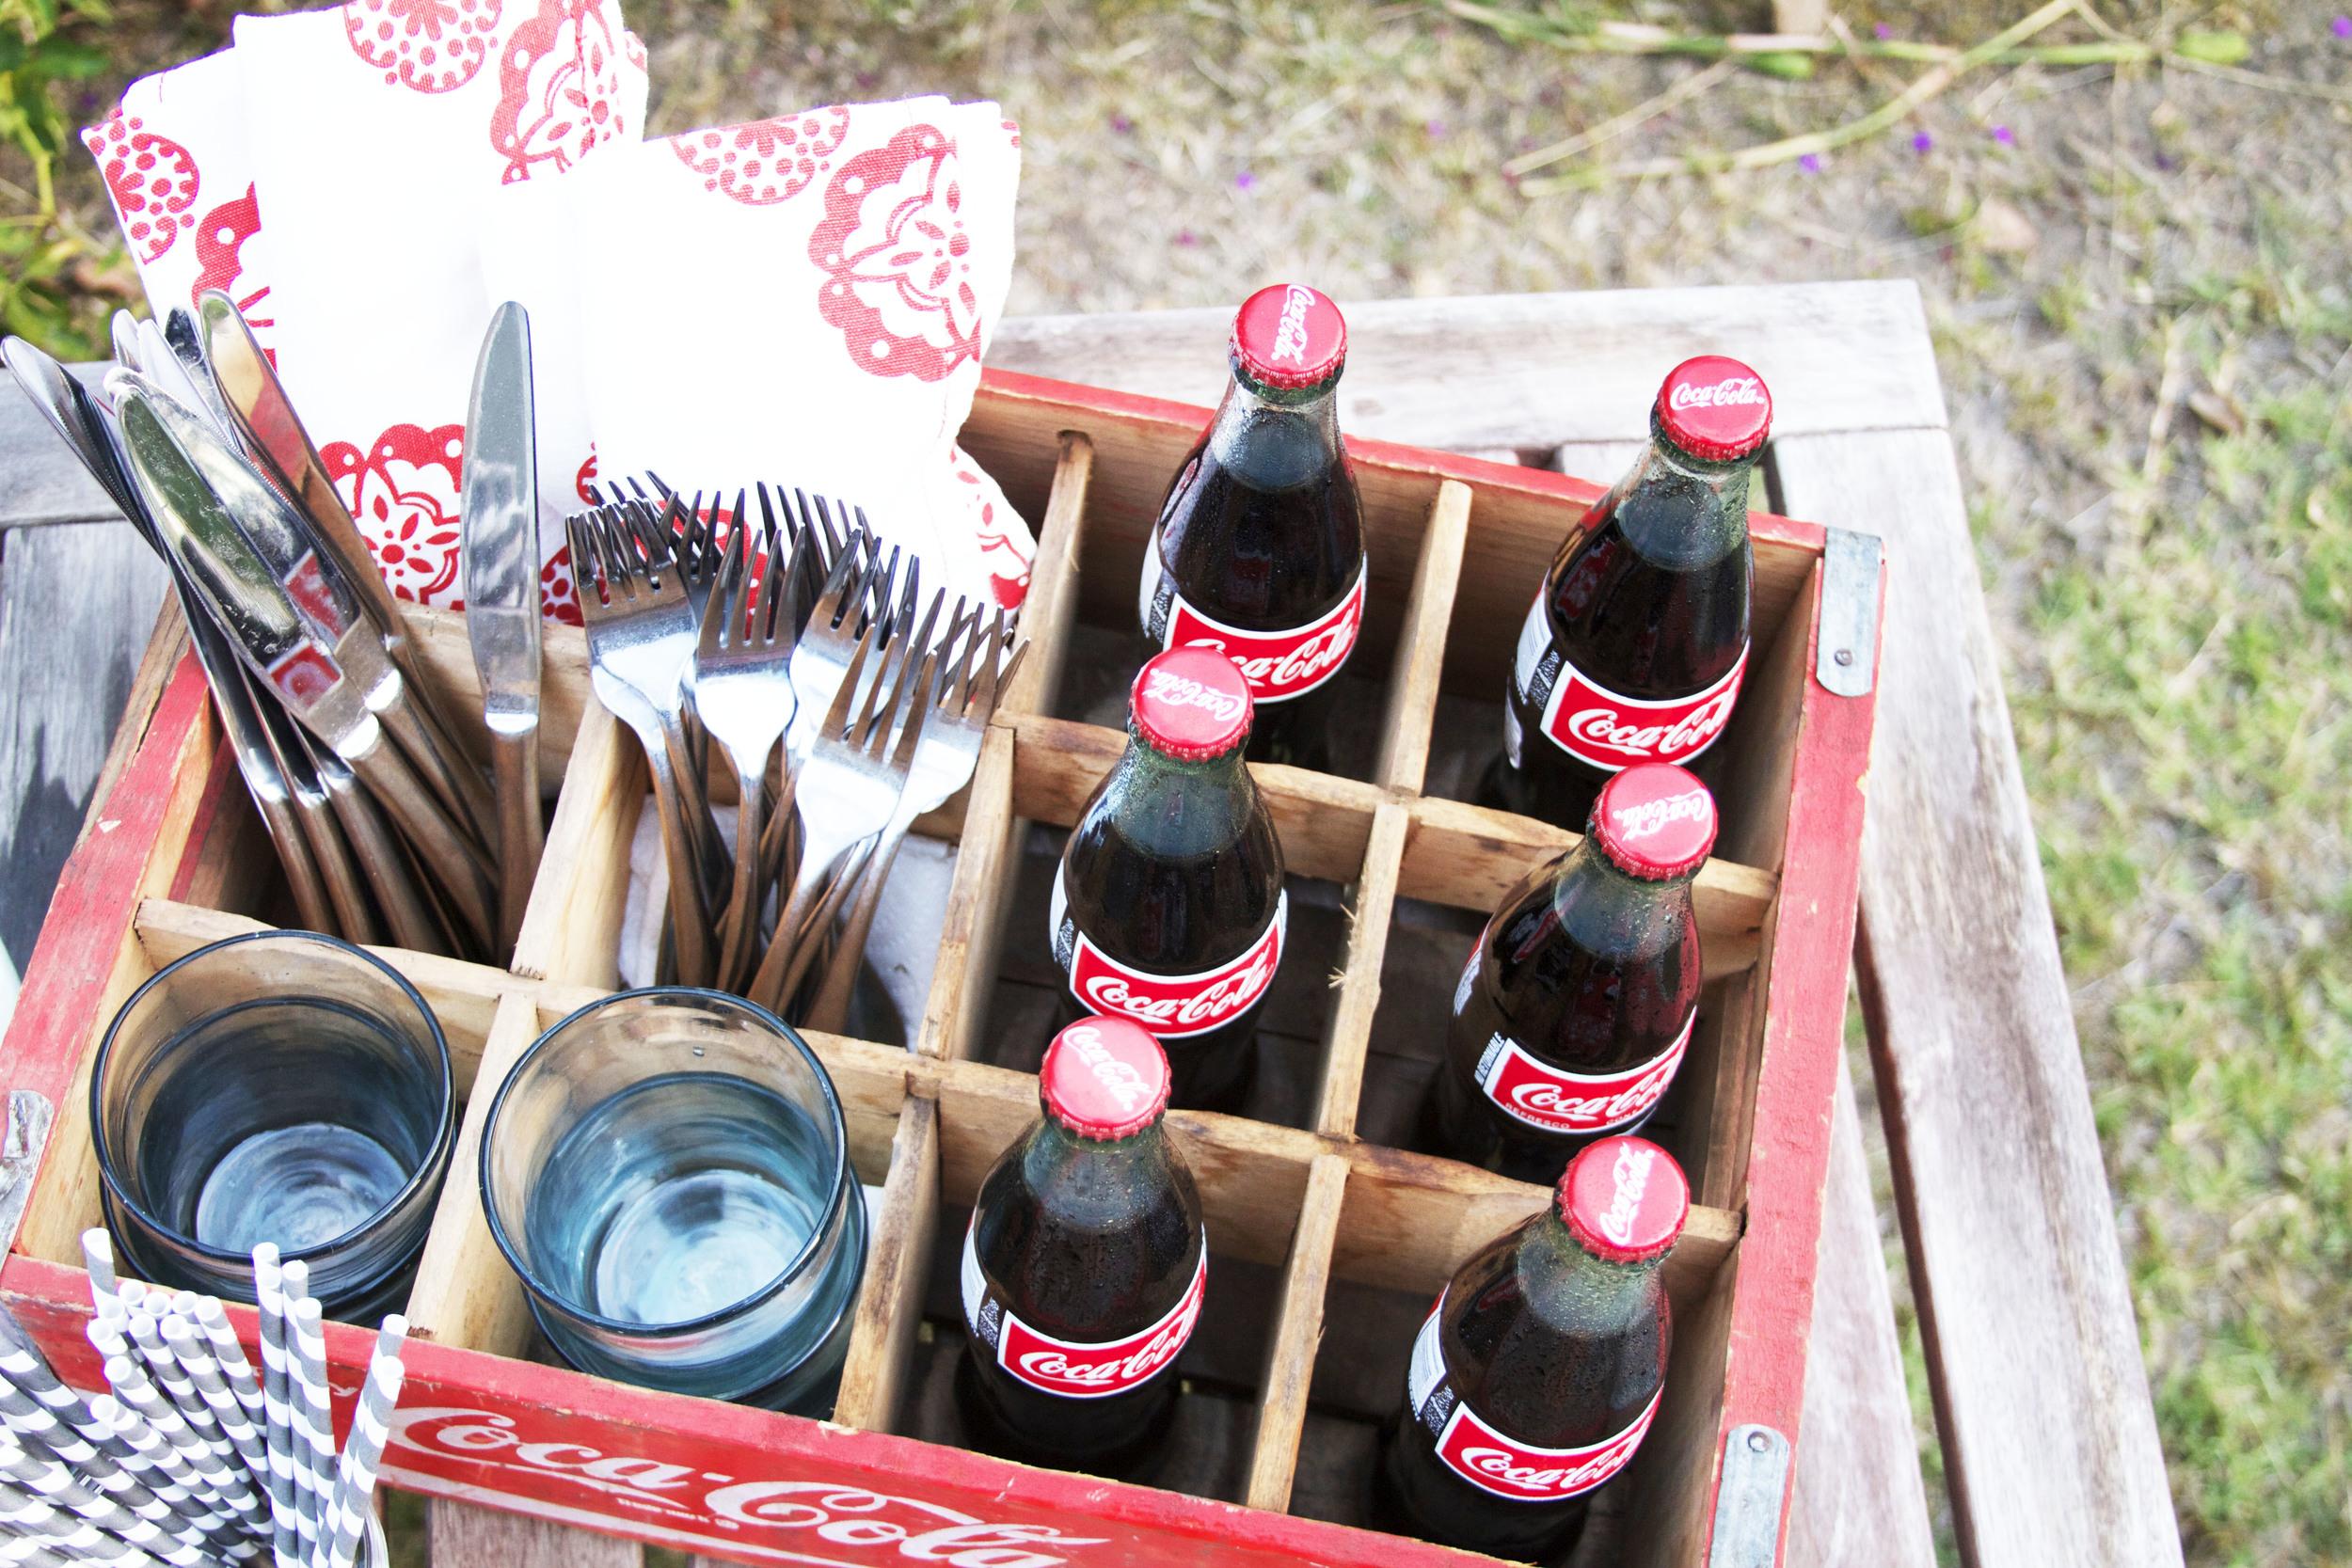 coke crate.jpg